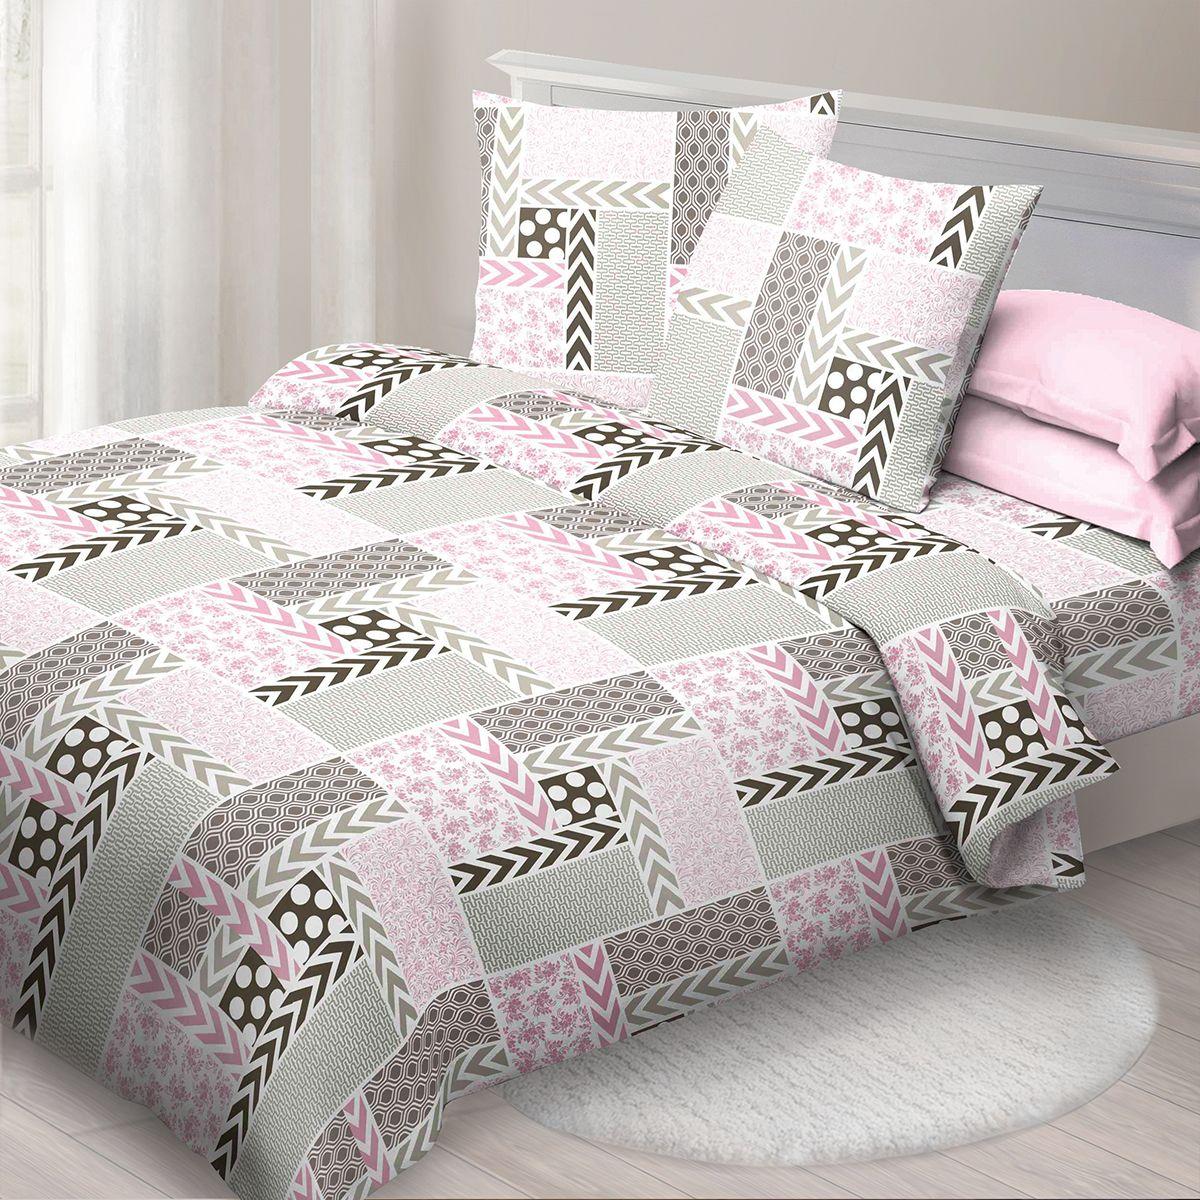 Комплект белья Спал Спалыч Палермо, 1,5-спальное, наволочки 70x70, цвет: розовый90880Спал Спалыч - недорогое, но качественное постельное белье из белорусской бязи. Актуальные дизайны, авторская упаковка в сочетании с качественными материалами и приемлемой ценой - залог успеха Спал Спалыча! В ассортименте широкая линейка домашнего текстиля для всей семьи - современные дизайны современному покупателю! Ткань обработана по технологии PERFECT WAY - благодаря чему, она становится более гладкой и шелковистой. • Бязь Барановичи 100% хлопок • Плотность ткани - 125 гр/кв.м.